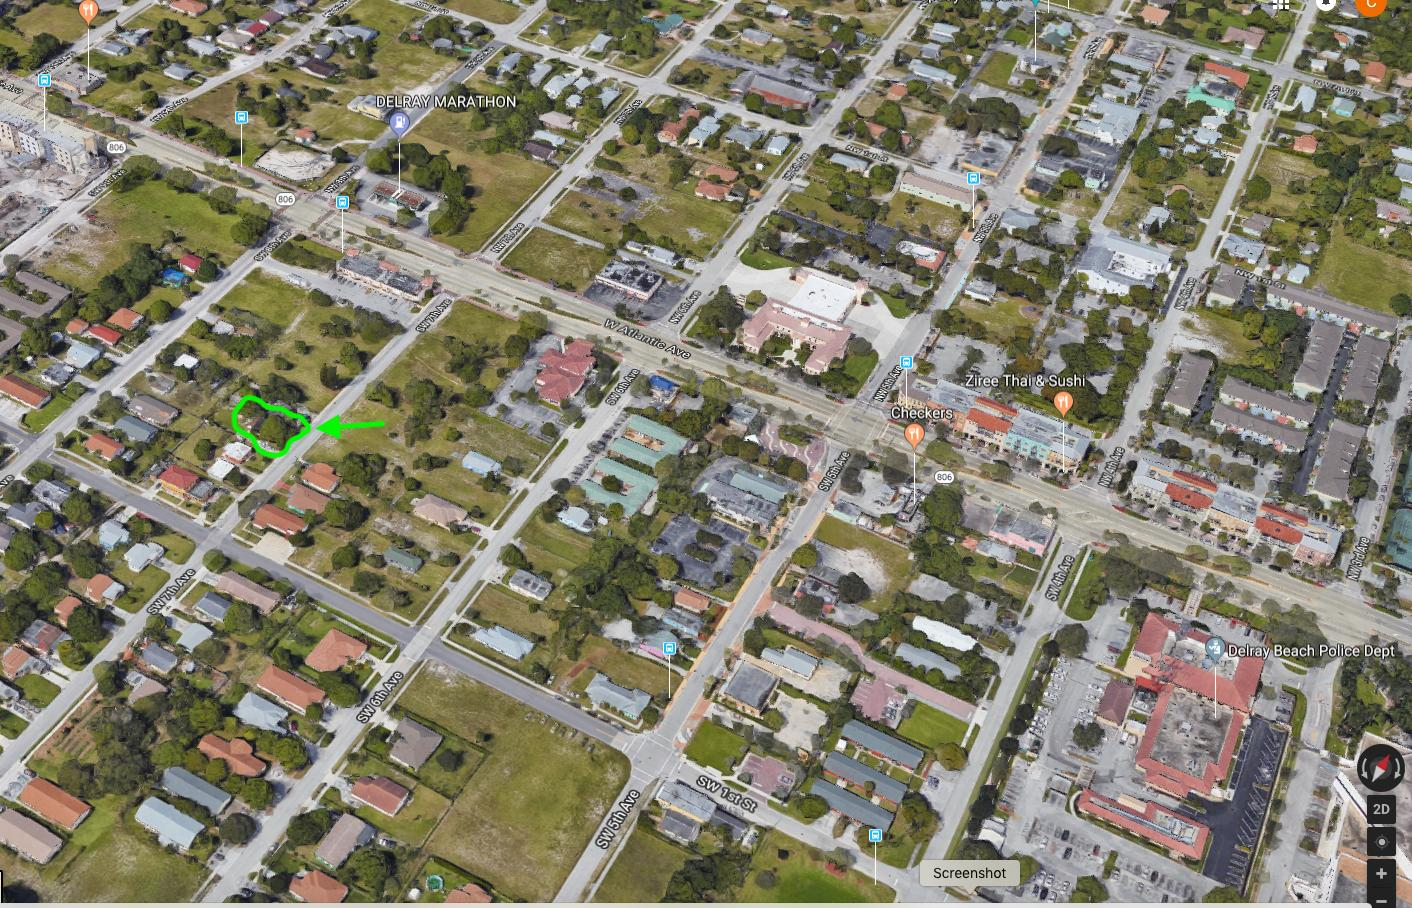 36 SW 7th Avenue  Delray Beach, FL 33444